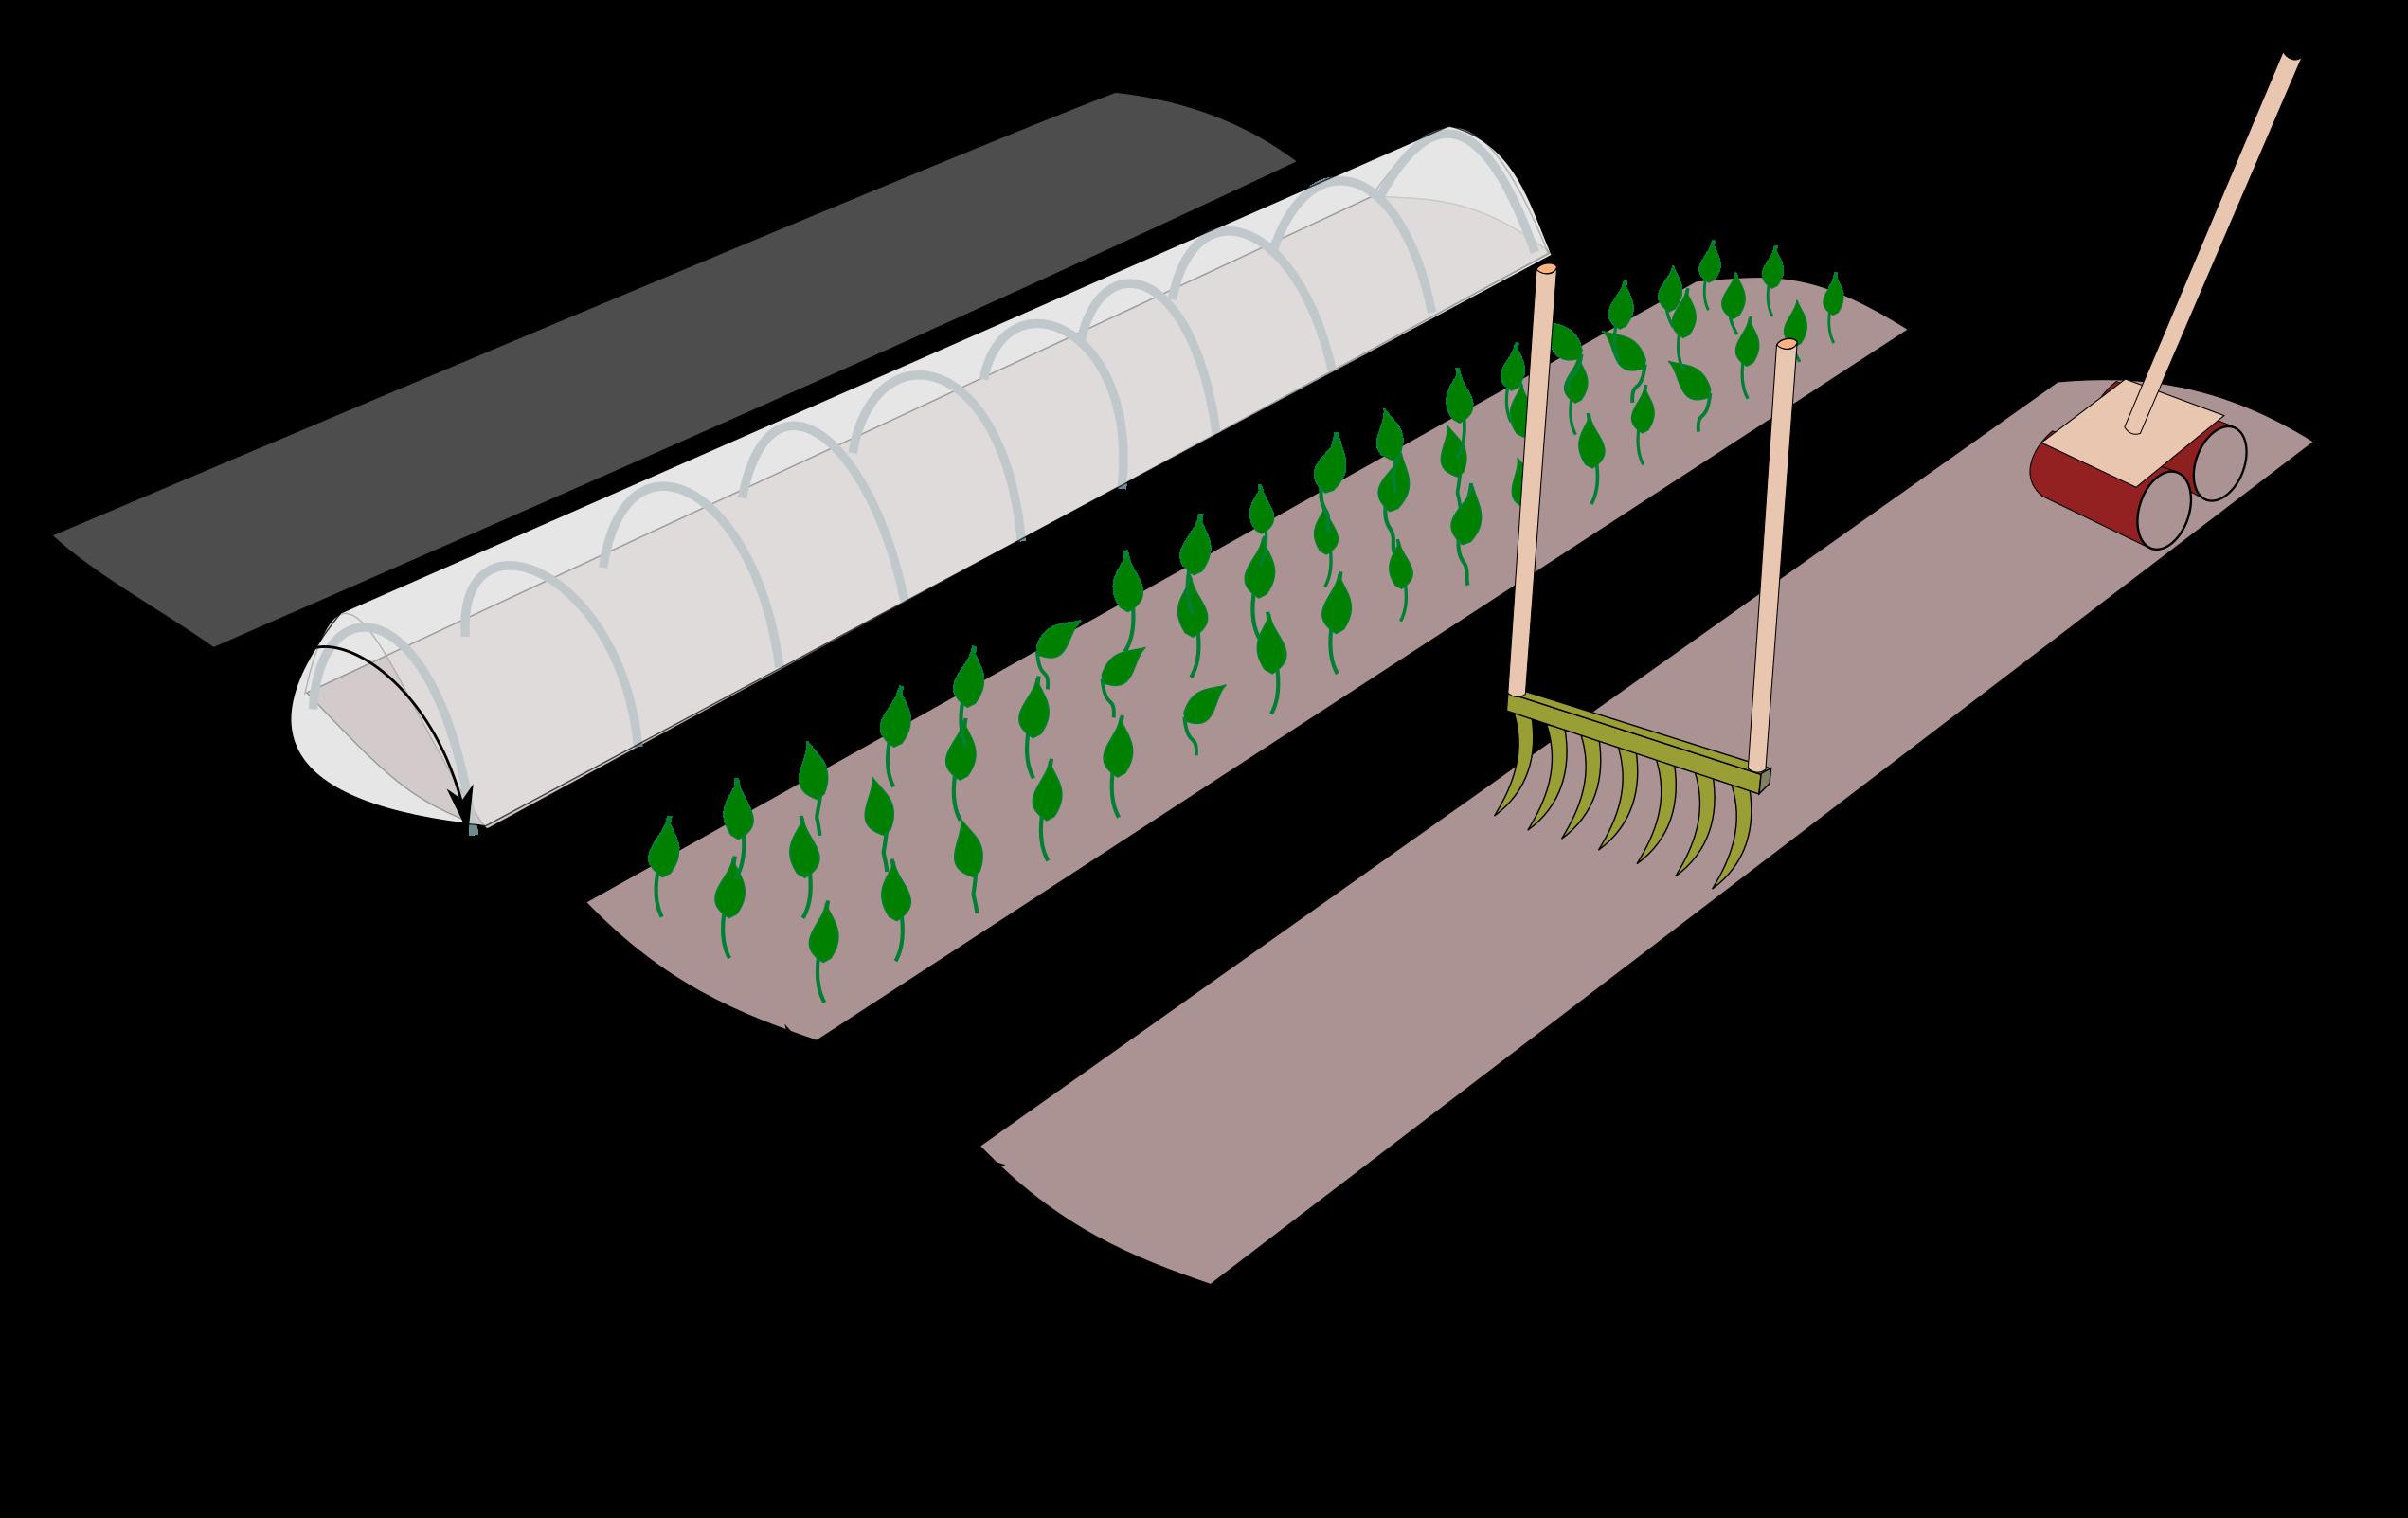 Exempel på standardiserade odlingsbäddar, redskap och tillbehör